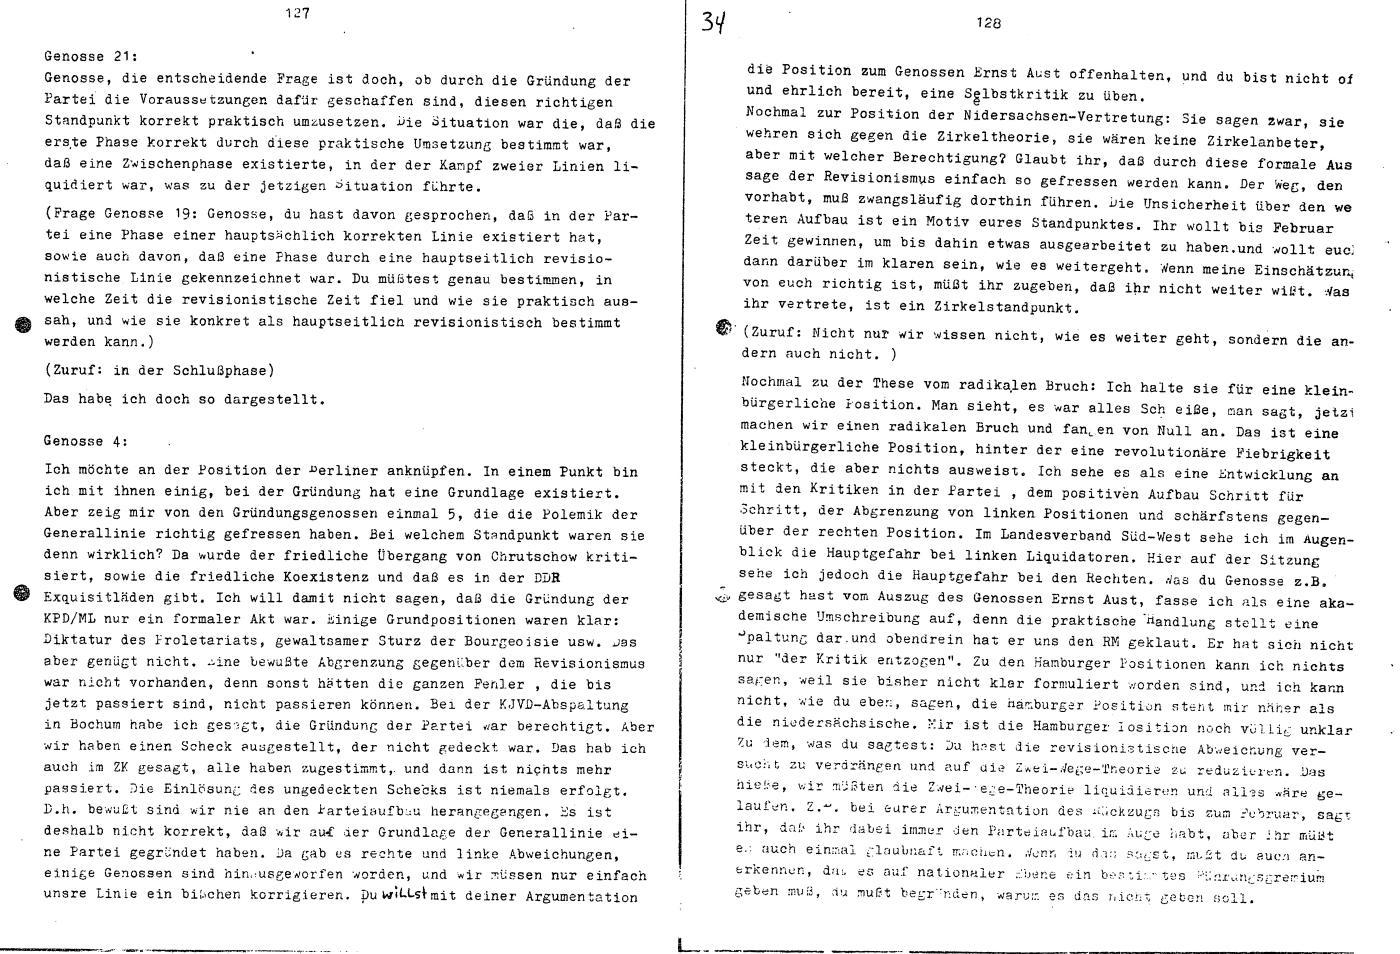 KPDML_1971_Wortprotokolle_aoPt_124